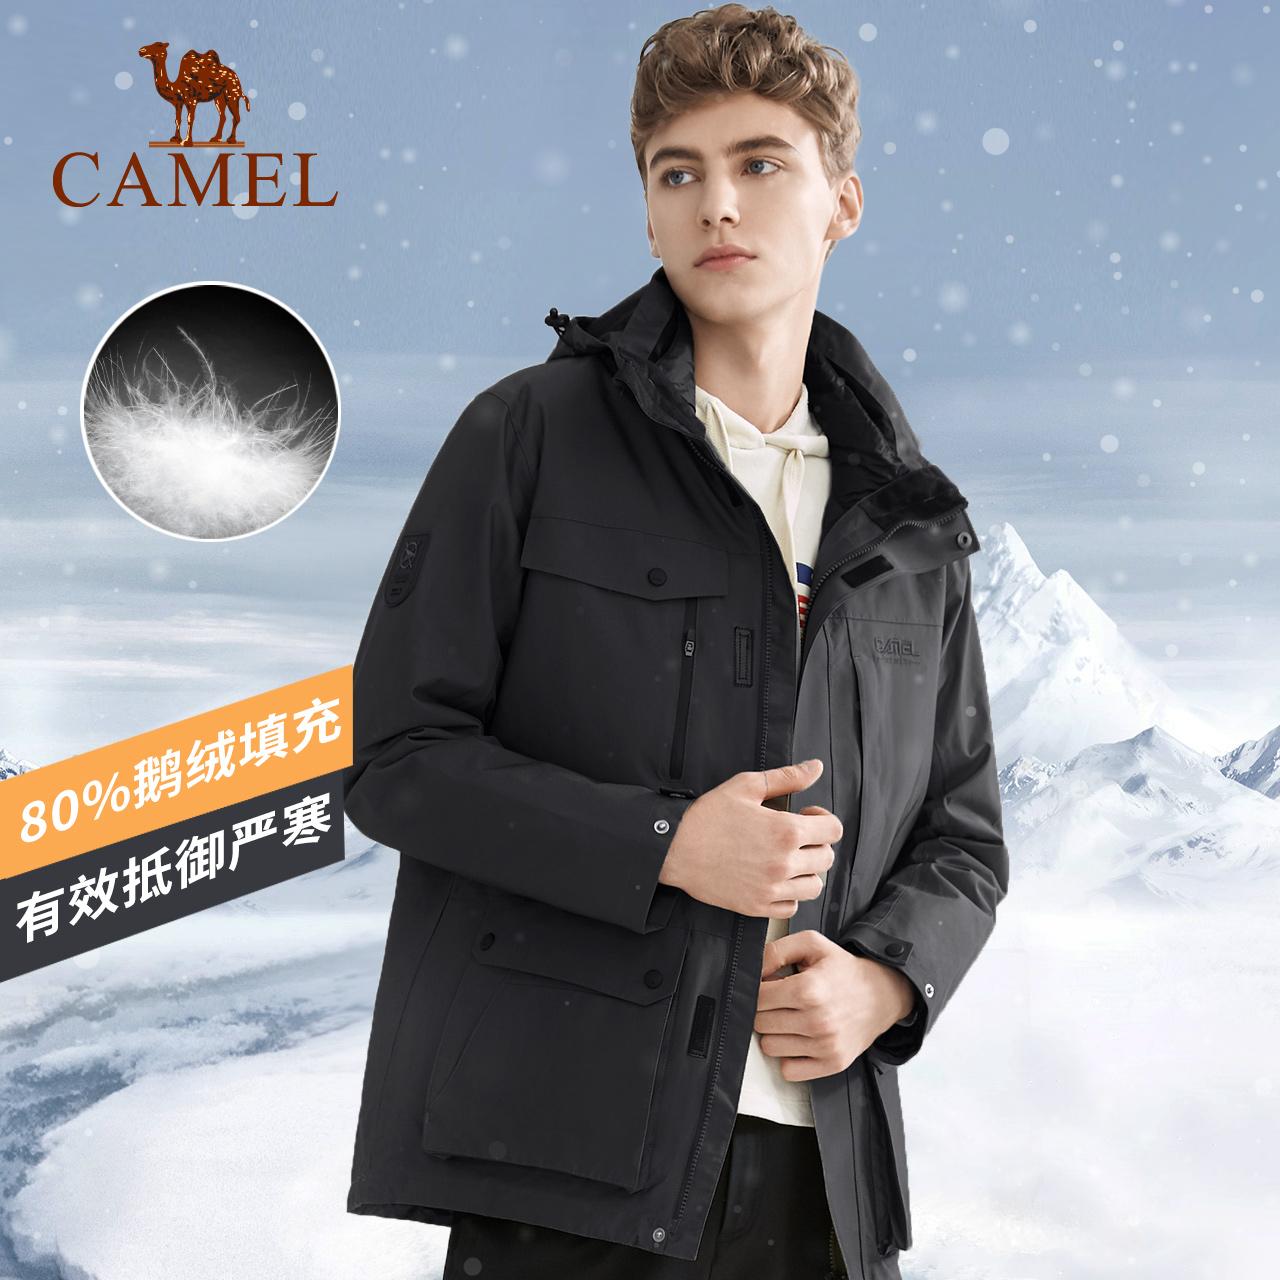 骆驼户外羽绒冲锋衣男女装加厚鹅绒内胆三合一可拆卸两件套滑雪服